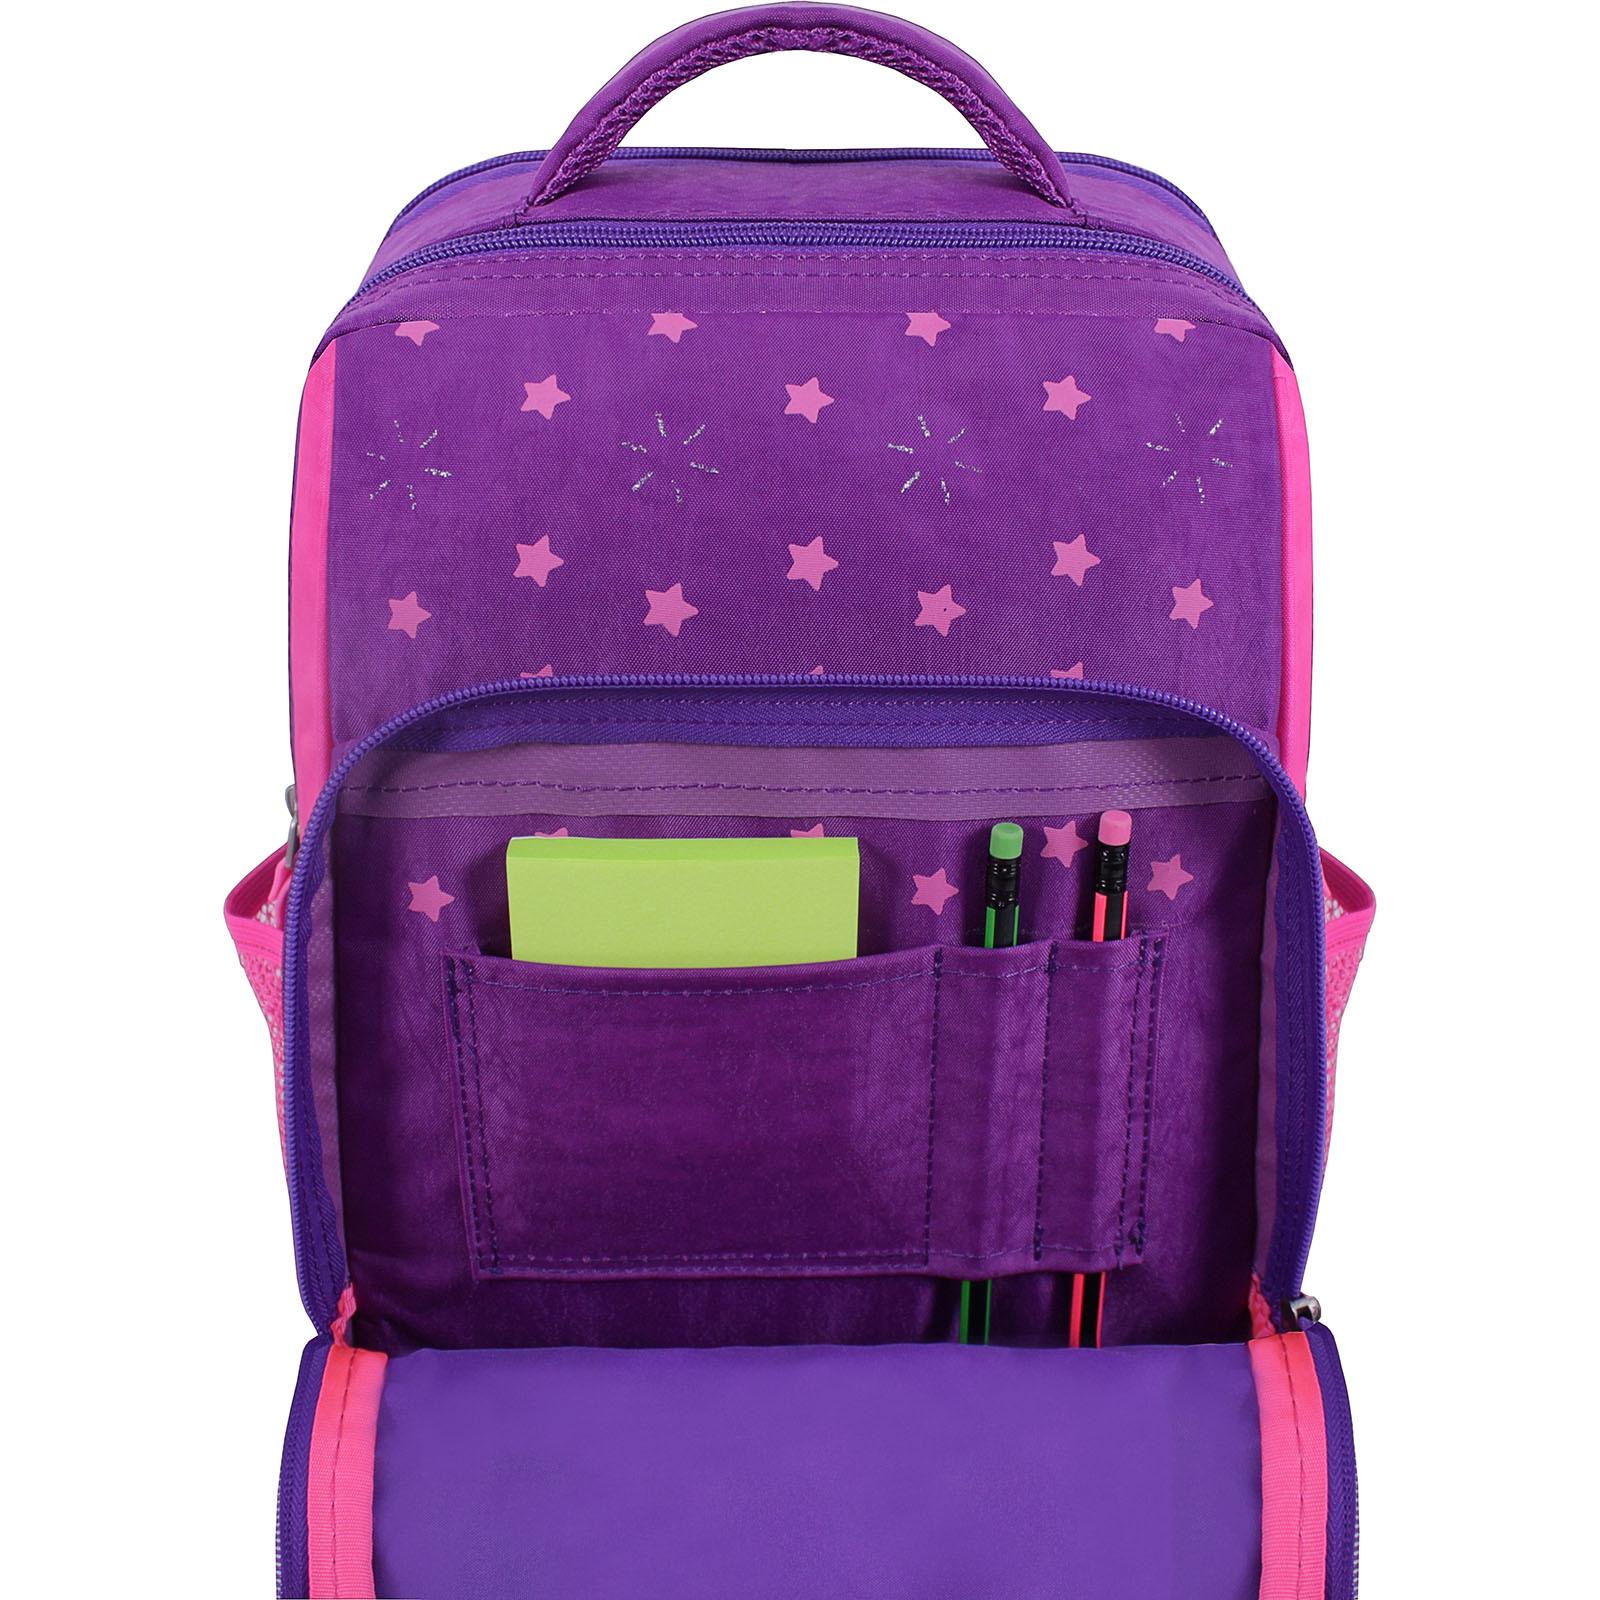 Рюкзак школьный Bagland Школьник 8 л. Фиолетовый 503 (00112702) фото 4